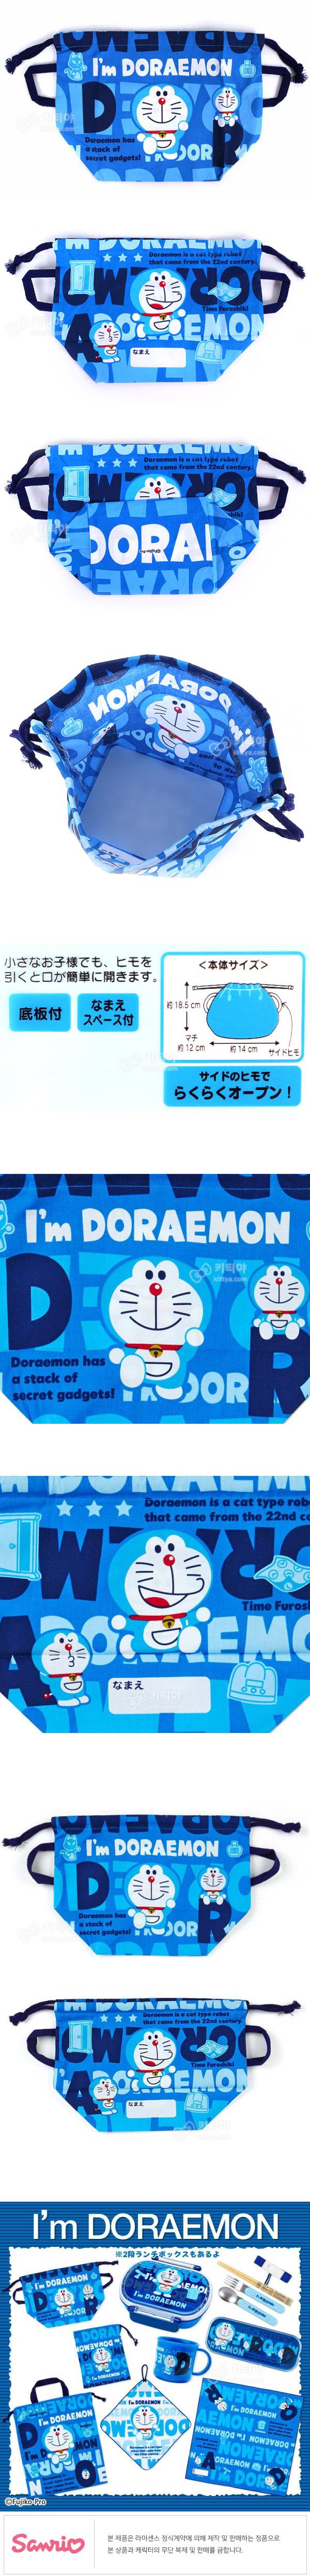 도라에몽 도시락 주머니 19 (아임도라에몽) - 키티야, 16,700원, 주방소품, 주방 소모품